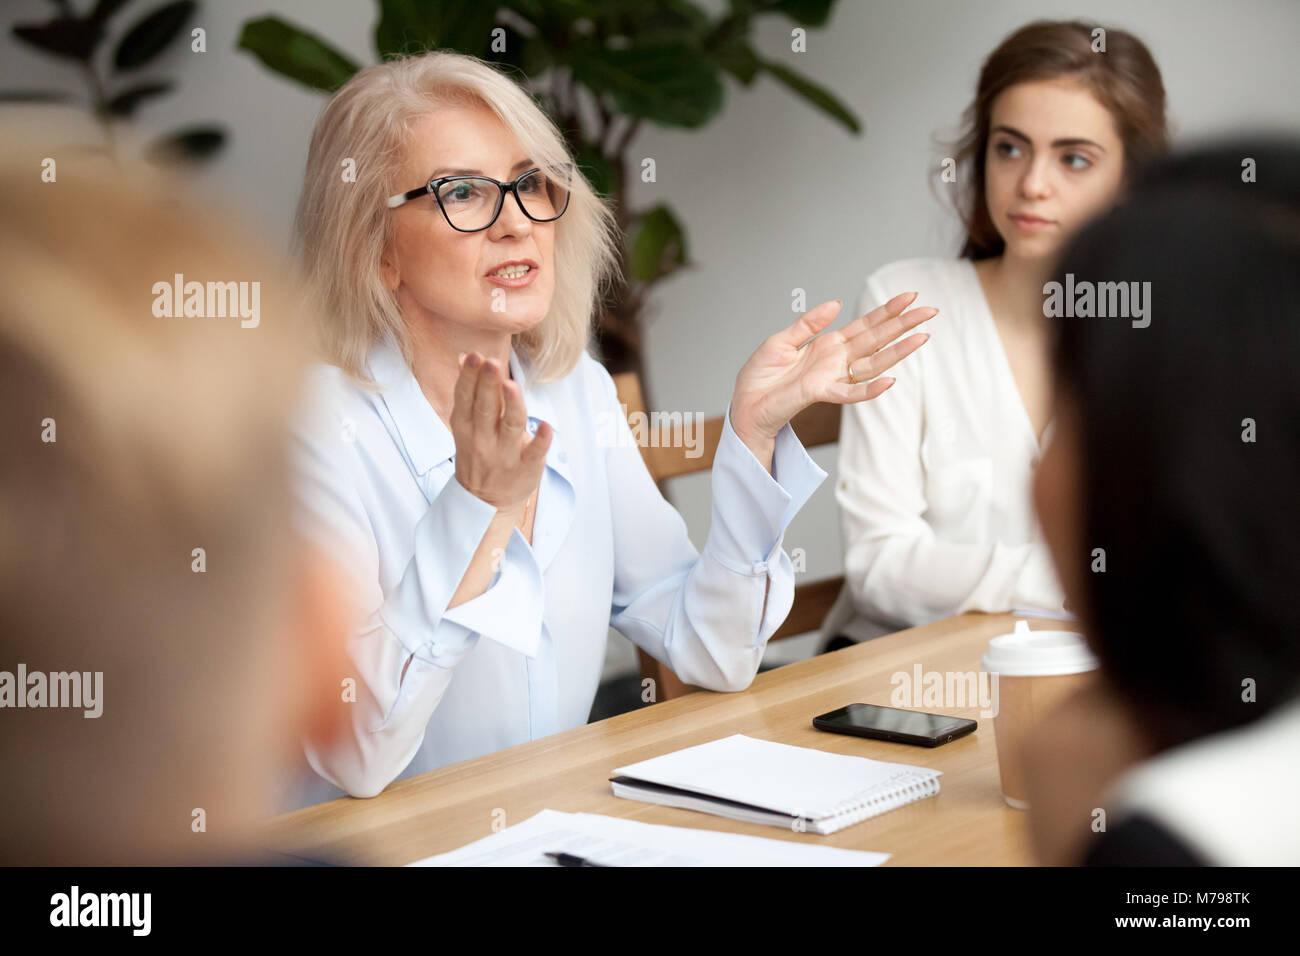 De femme d'affaires, enseignant ou entraîneur d'affaires s'adressant aux jeunes Photo Stock